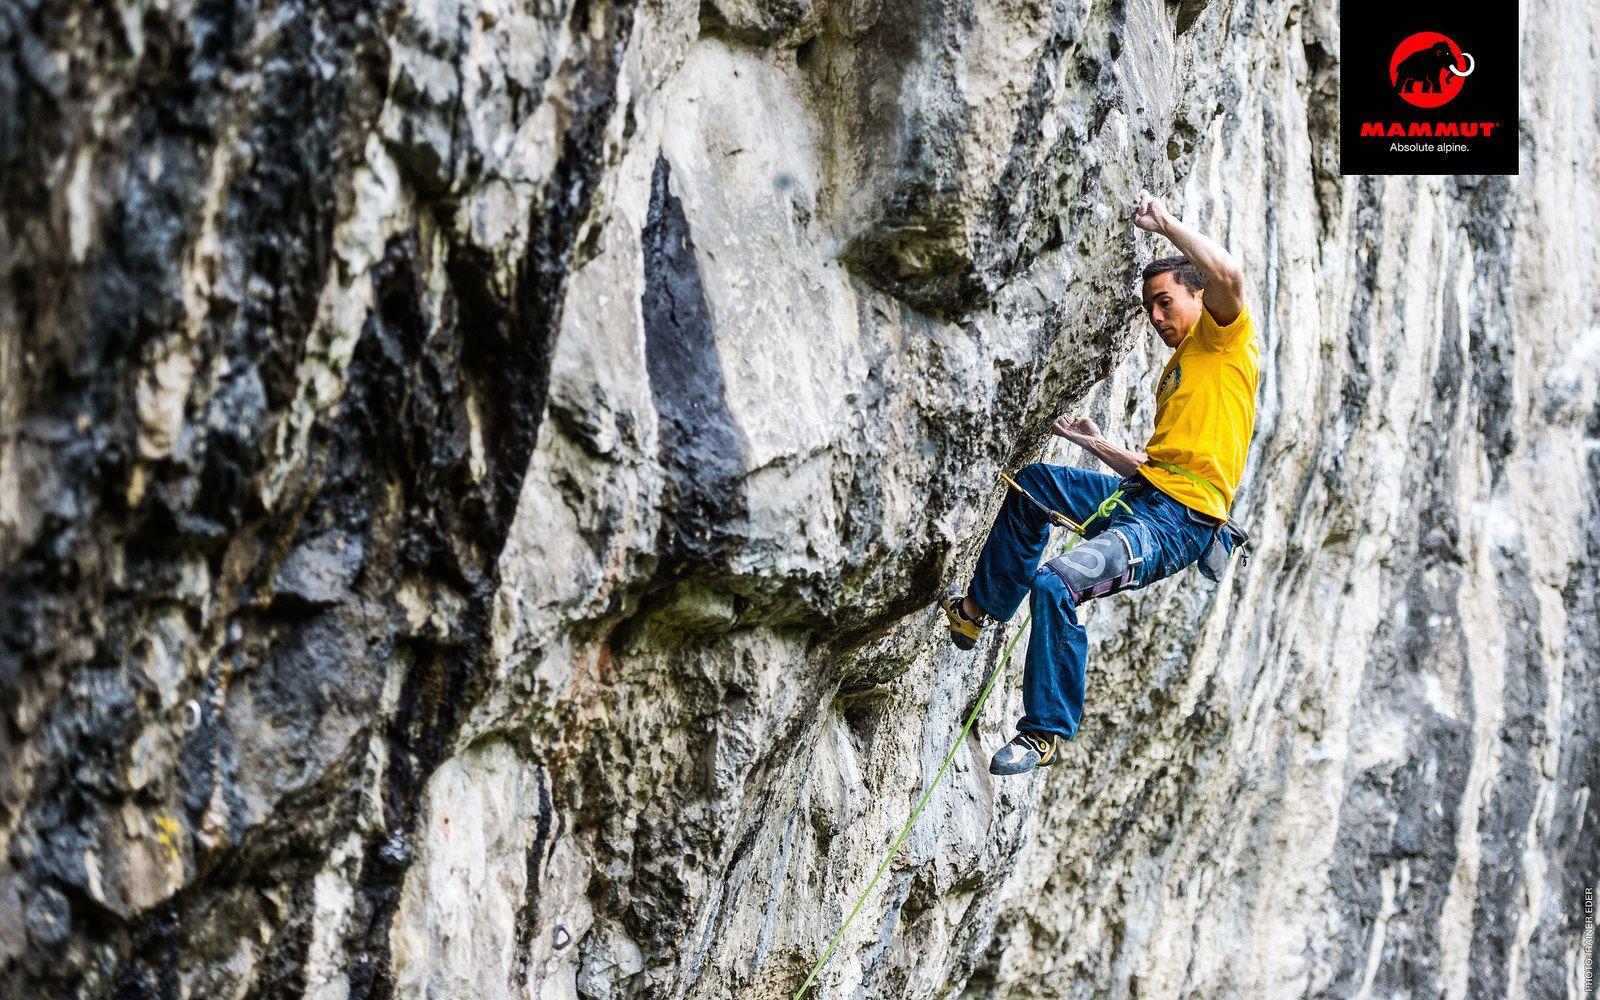 Indoor Rock Climbing Wallpaper Sports